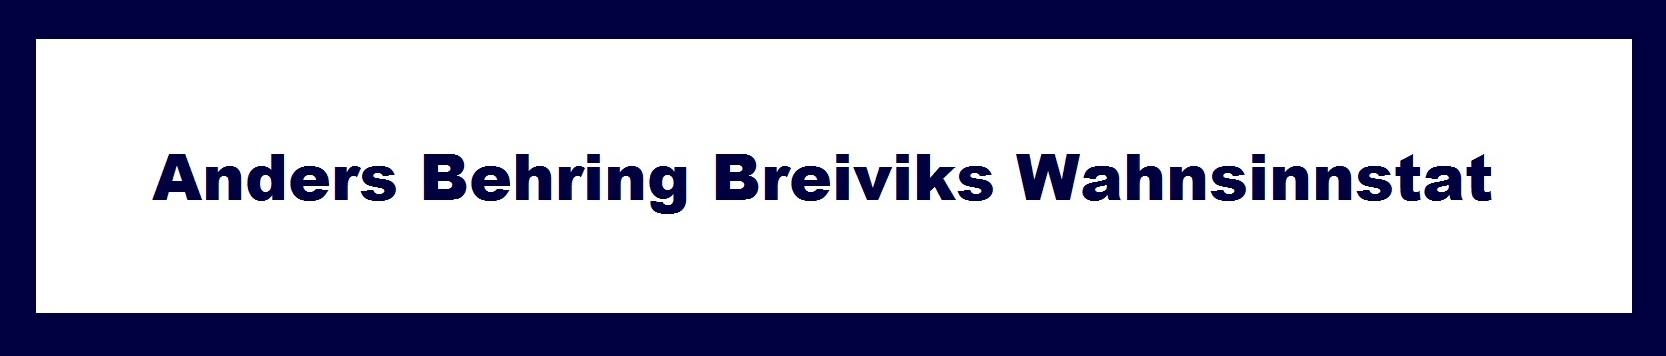 Prozess gegen Massenmörder Breivik in Oslo - NUOZ-Sonderseite auf Ostsee-Rundschau.de - Die Wahnsinnstat des Anders Behring Breivik - Wahnsinniger Massenmörder versetzt das Königreich Norwegen in  Schockzustand und tiefe Trauer